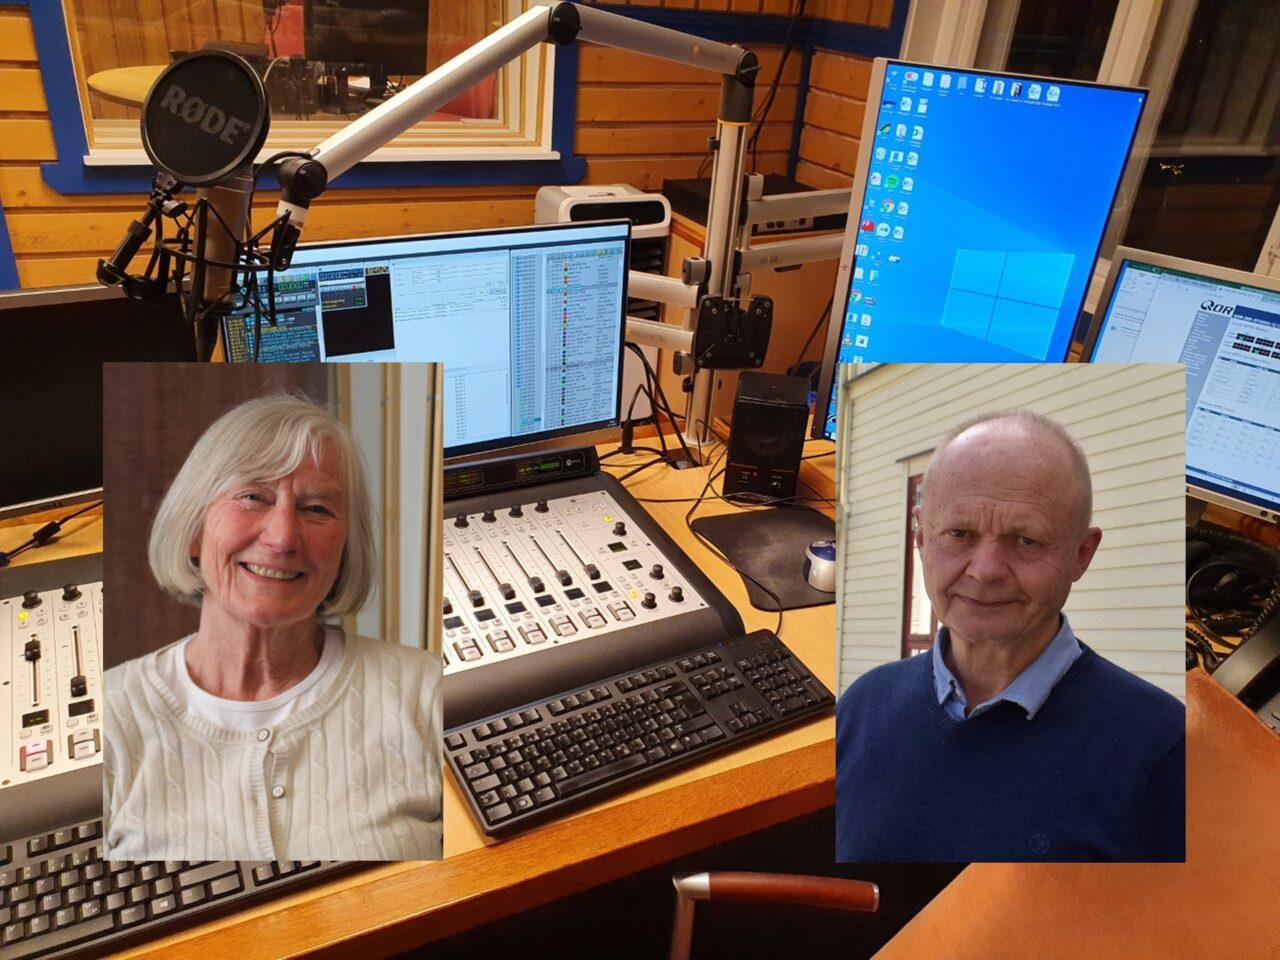 radiostudio2-1280x960.jpg